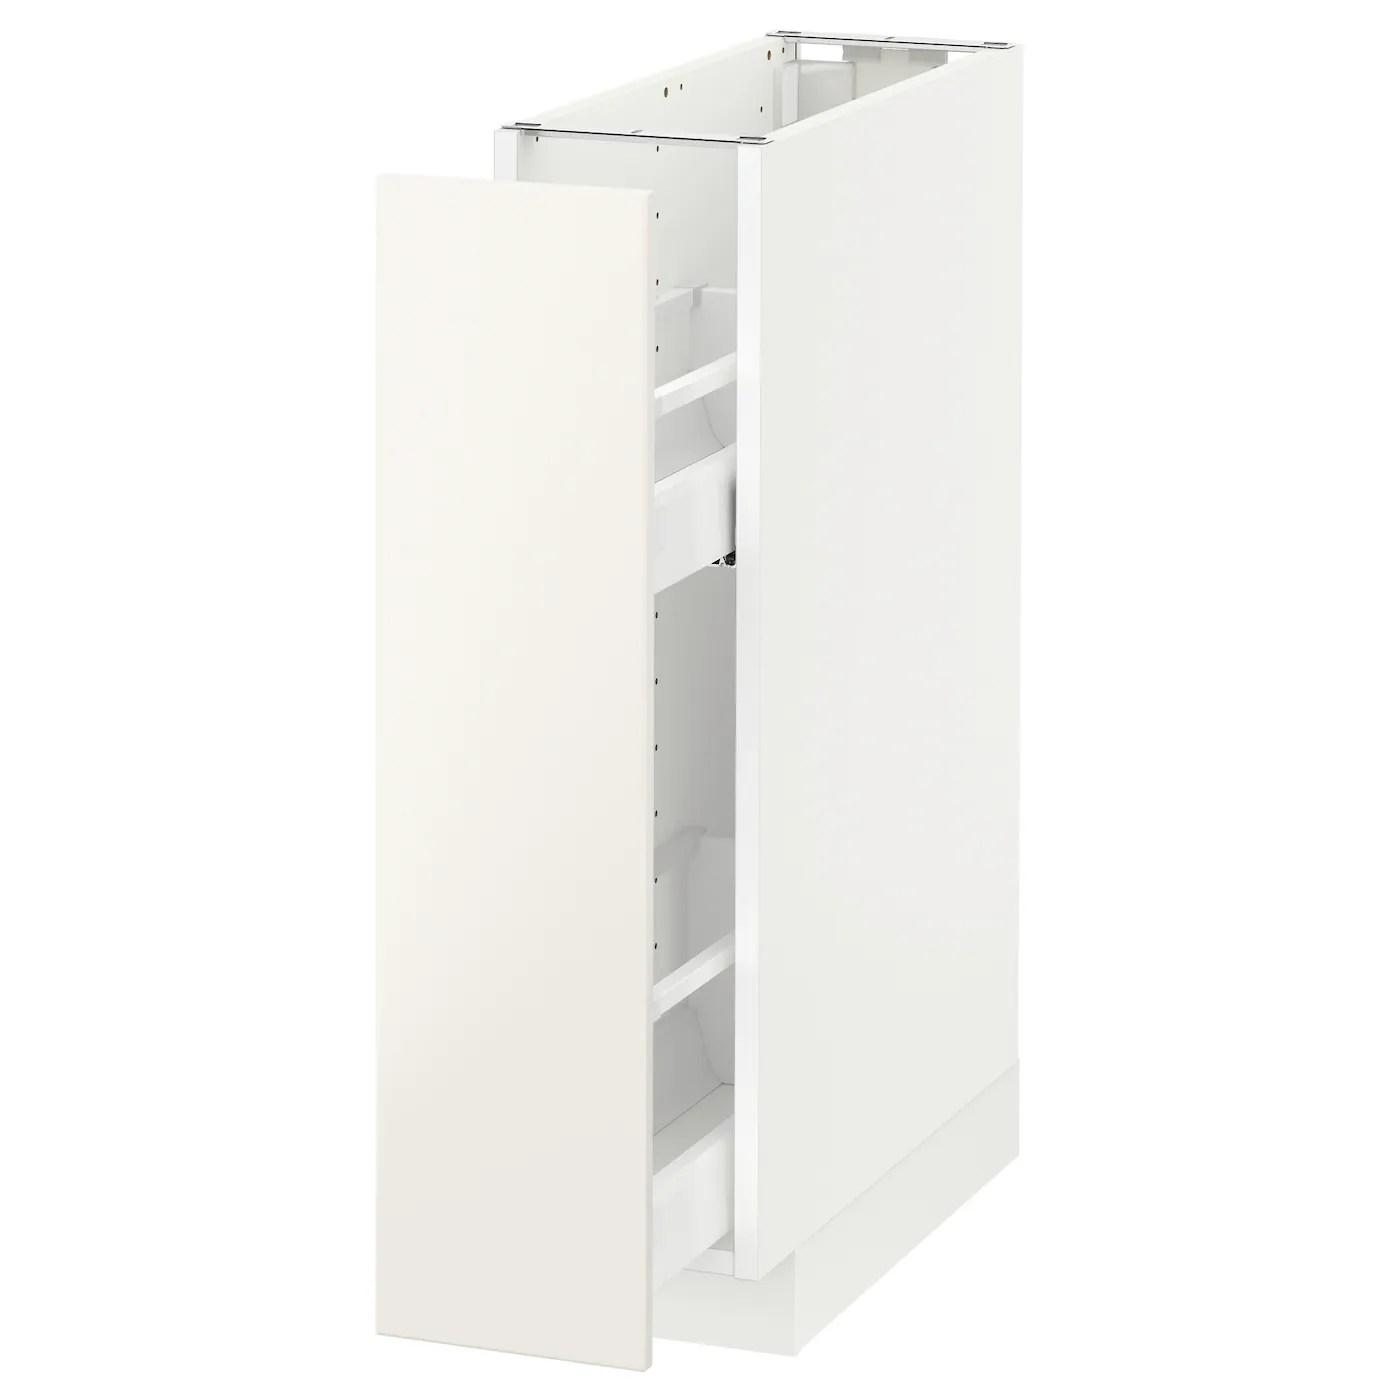 Metod Underskab M Udtraek Indretning Hvid Veddinge Hvid 20x60 Cm Ikea